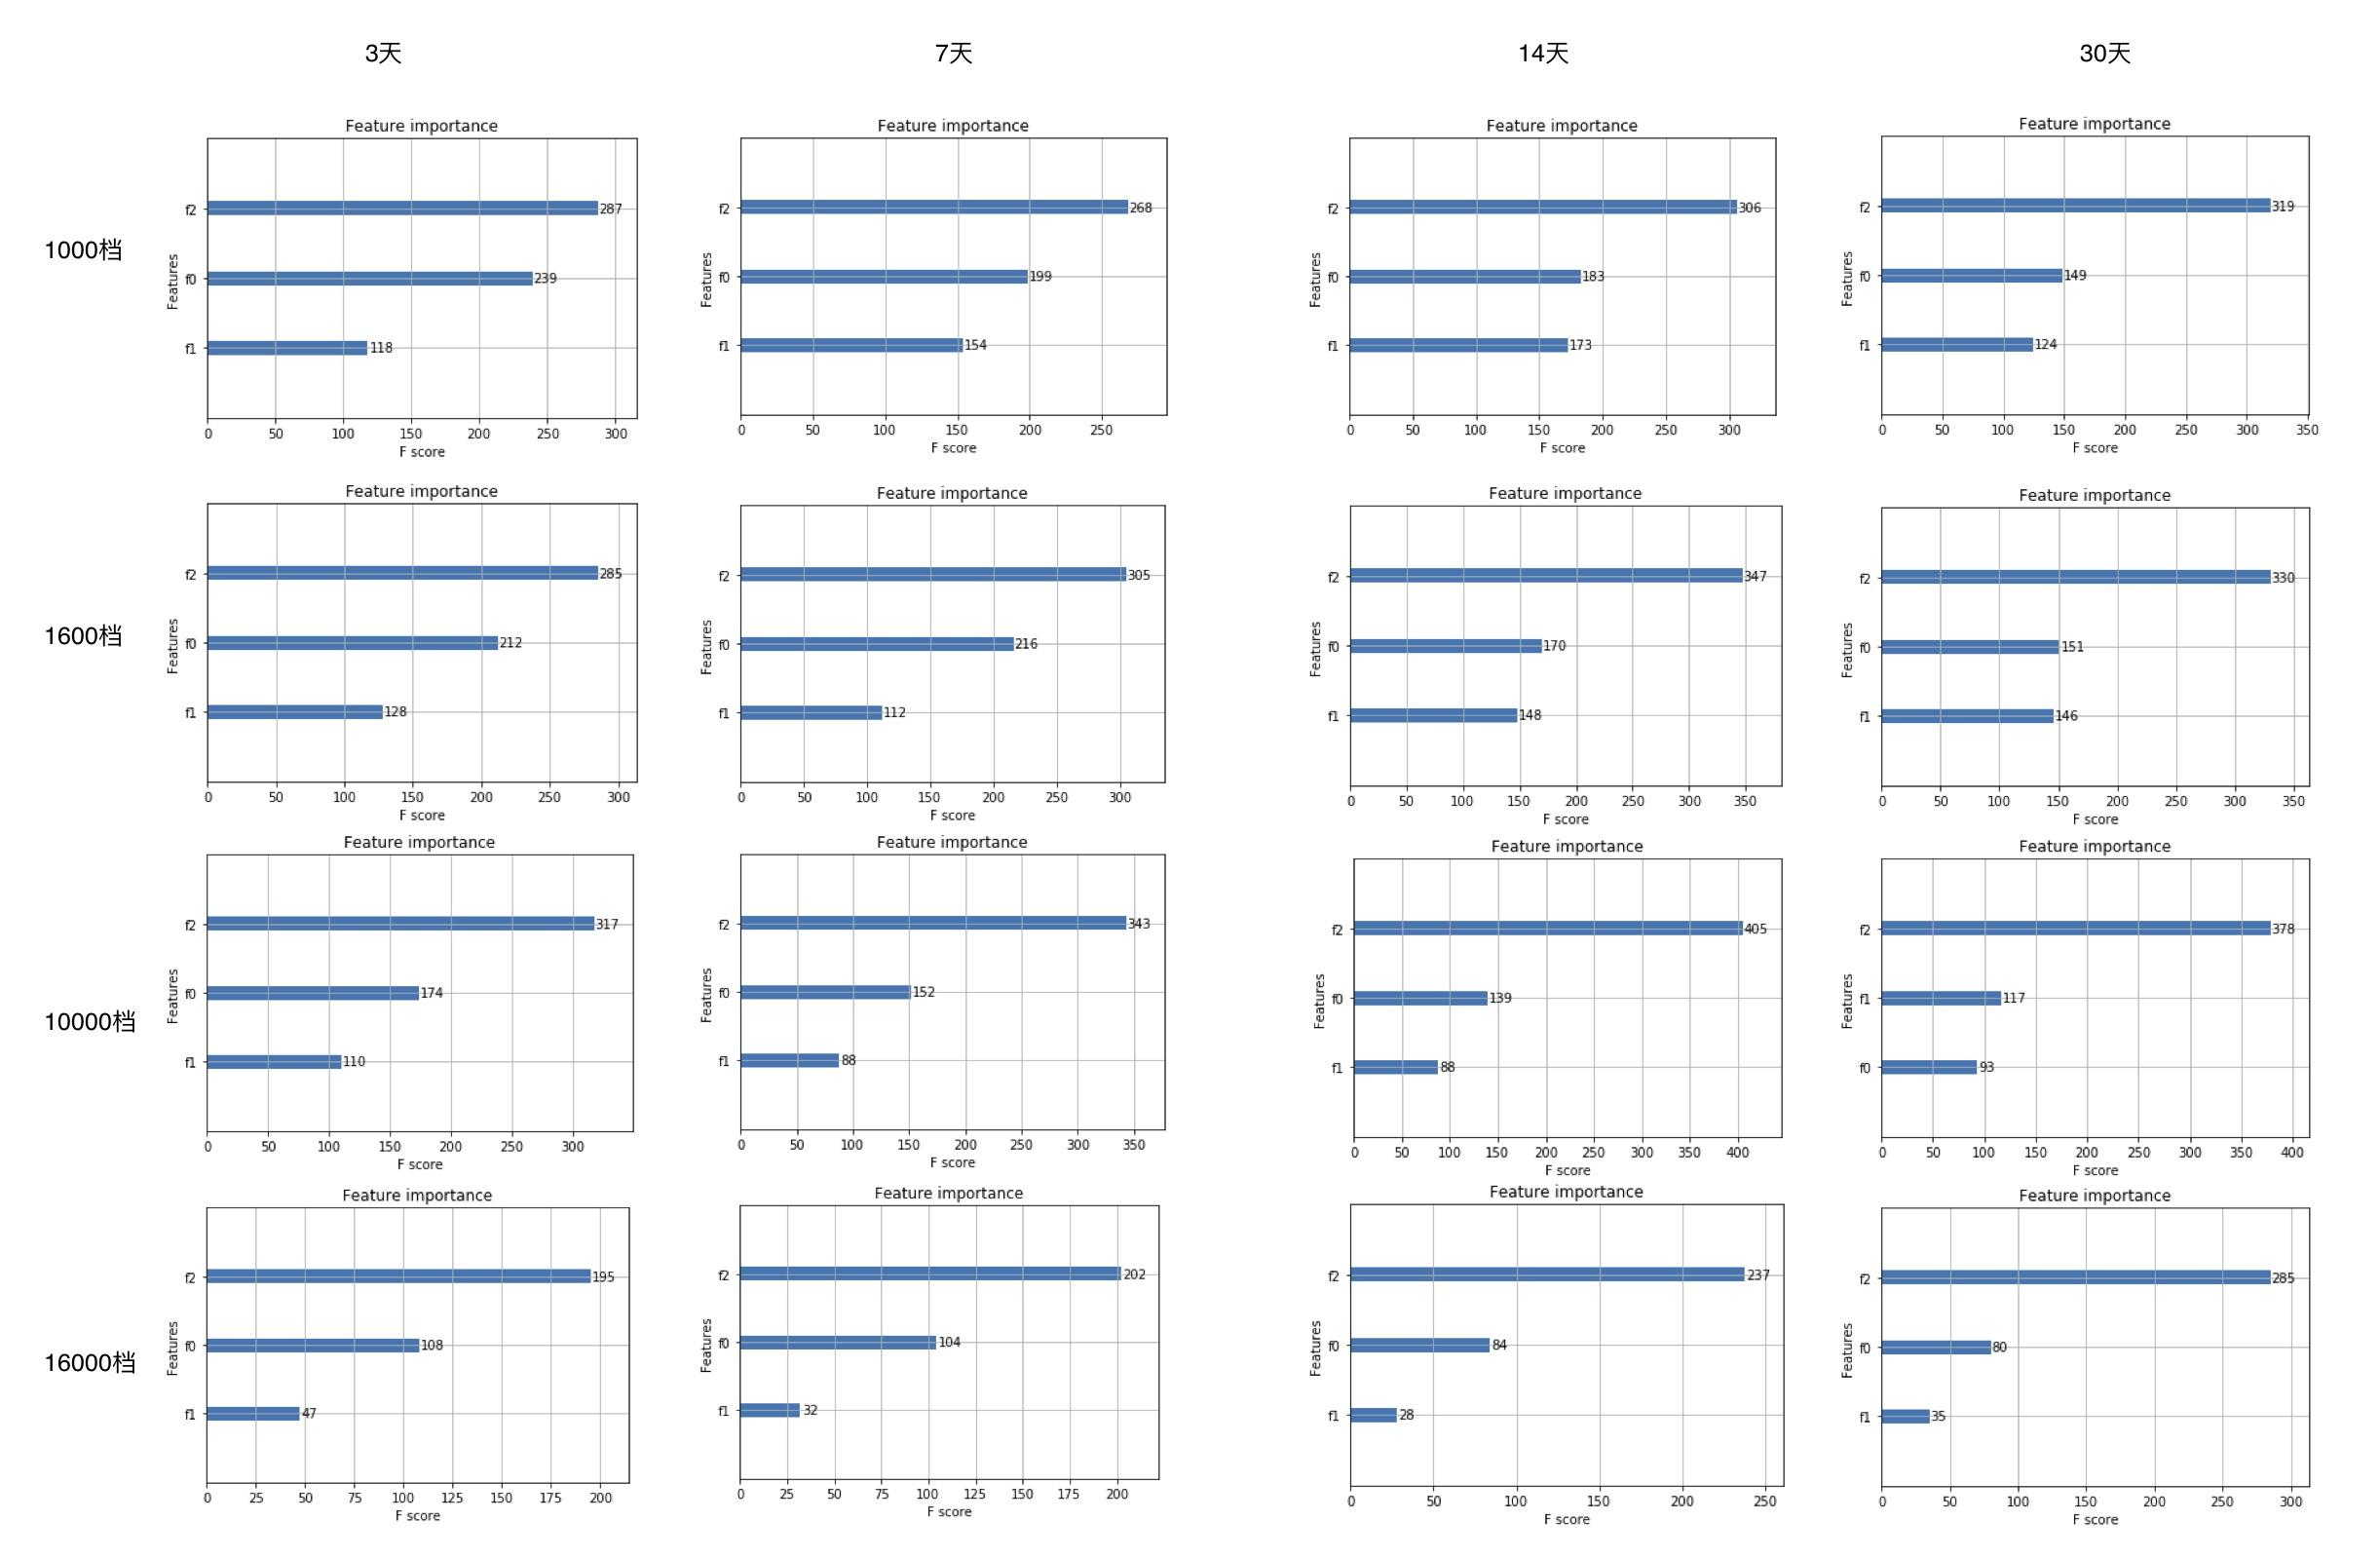 模型特征重要性分析